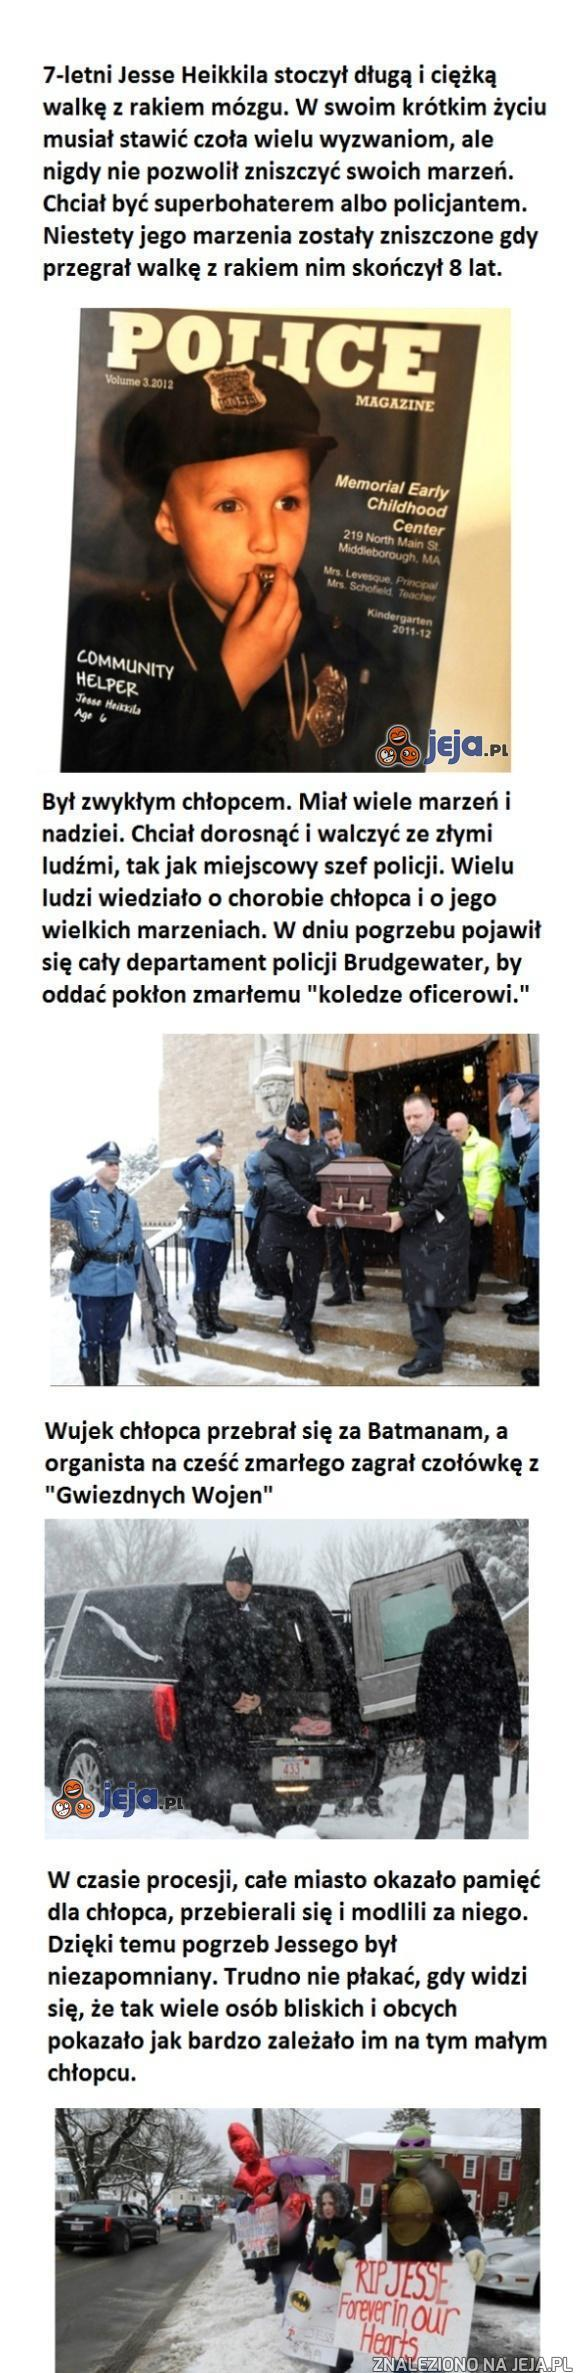 Ceremonia pogrzebowa 7-latka